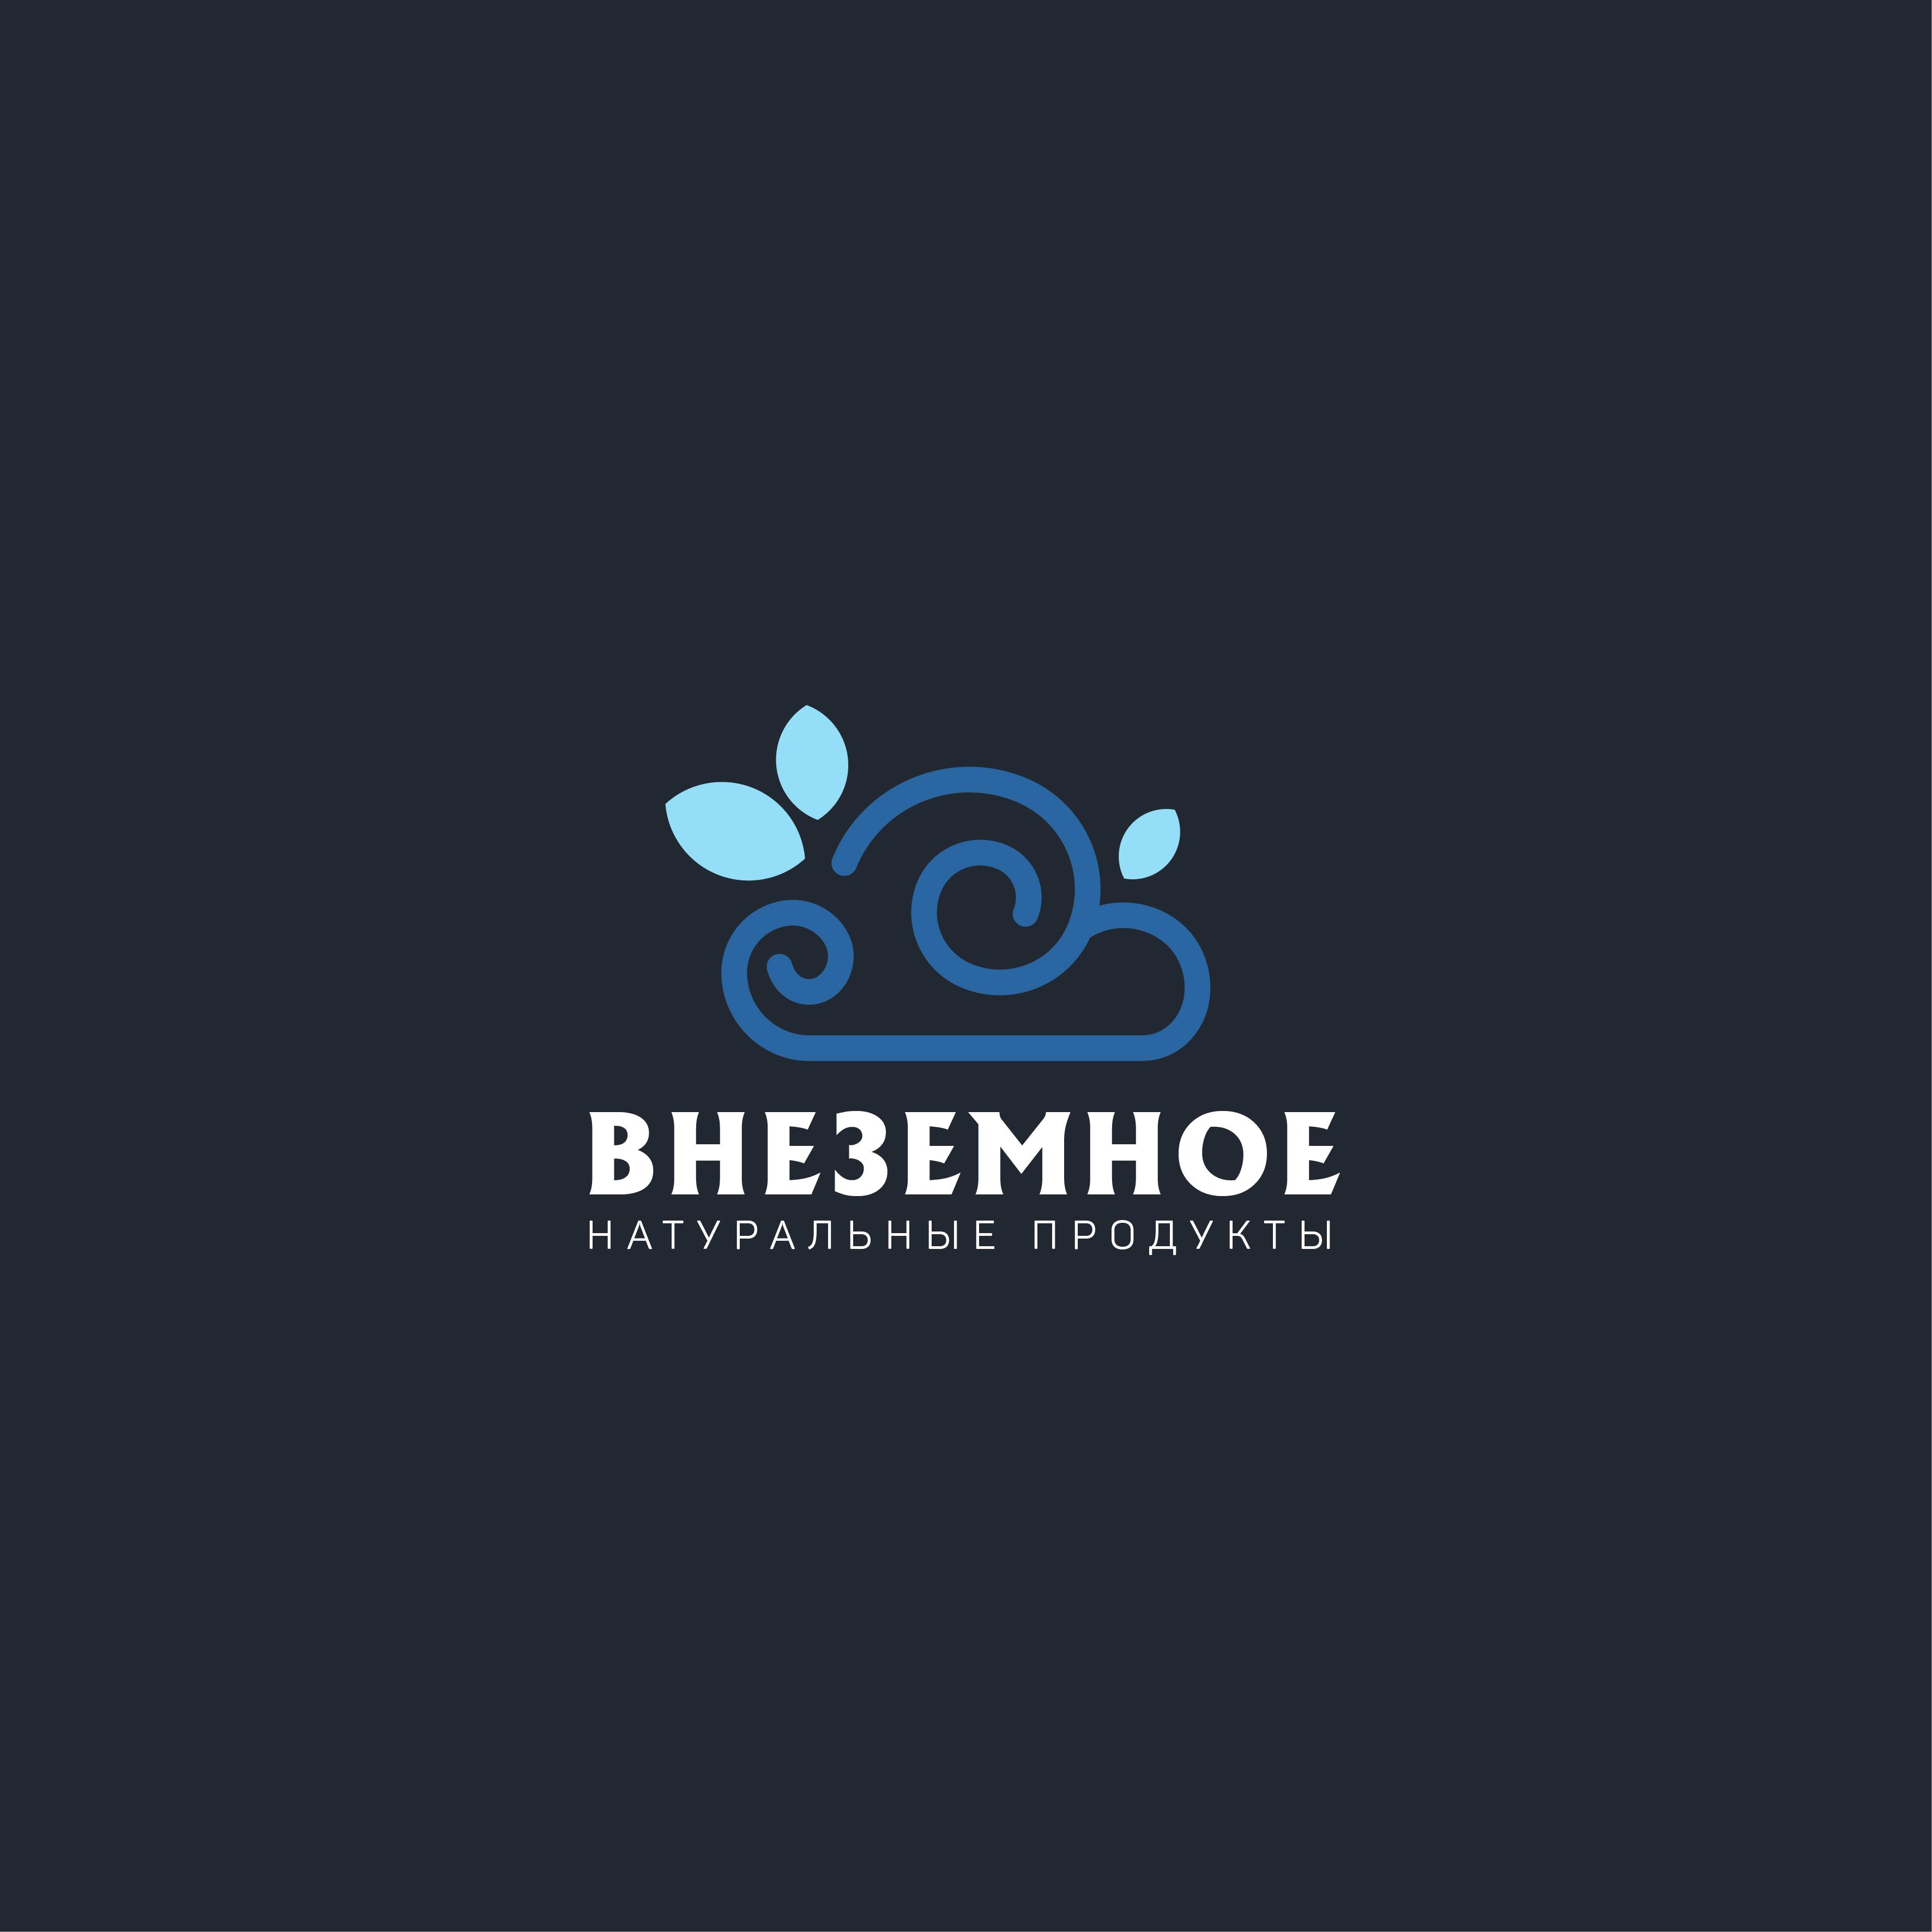 """Логотип и фирменный стиль """"Внеземное"""" фото f_0845e74872e13f4d.jpg"""